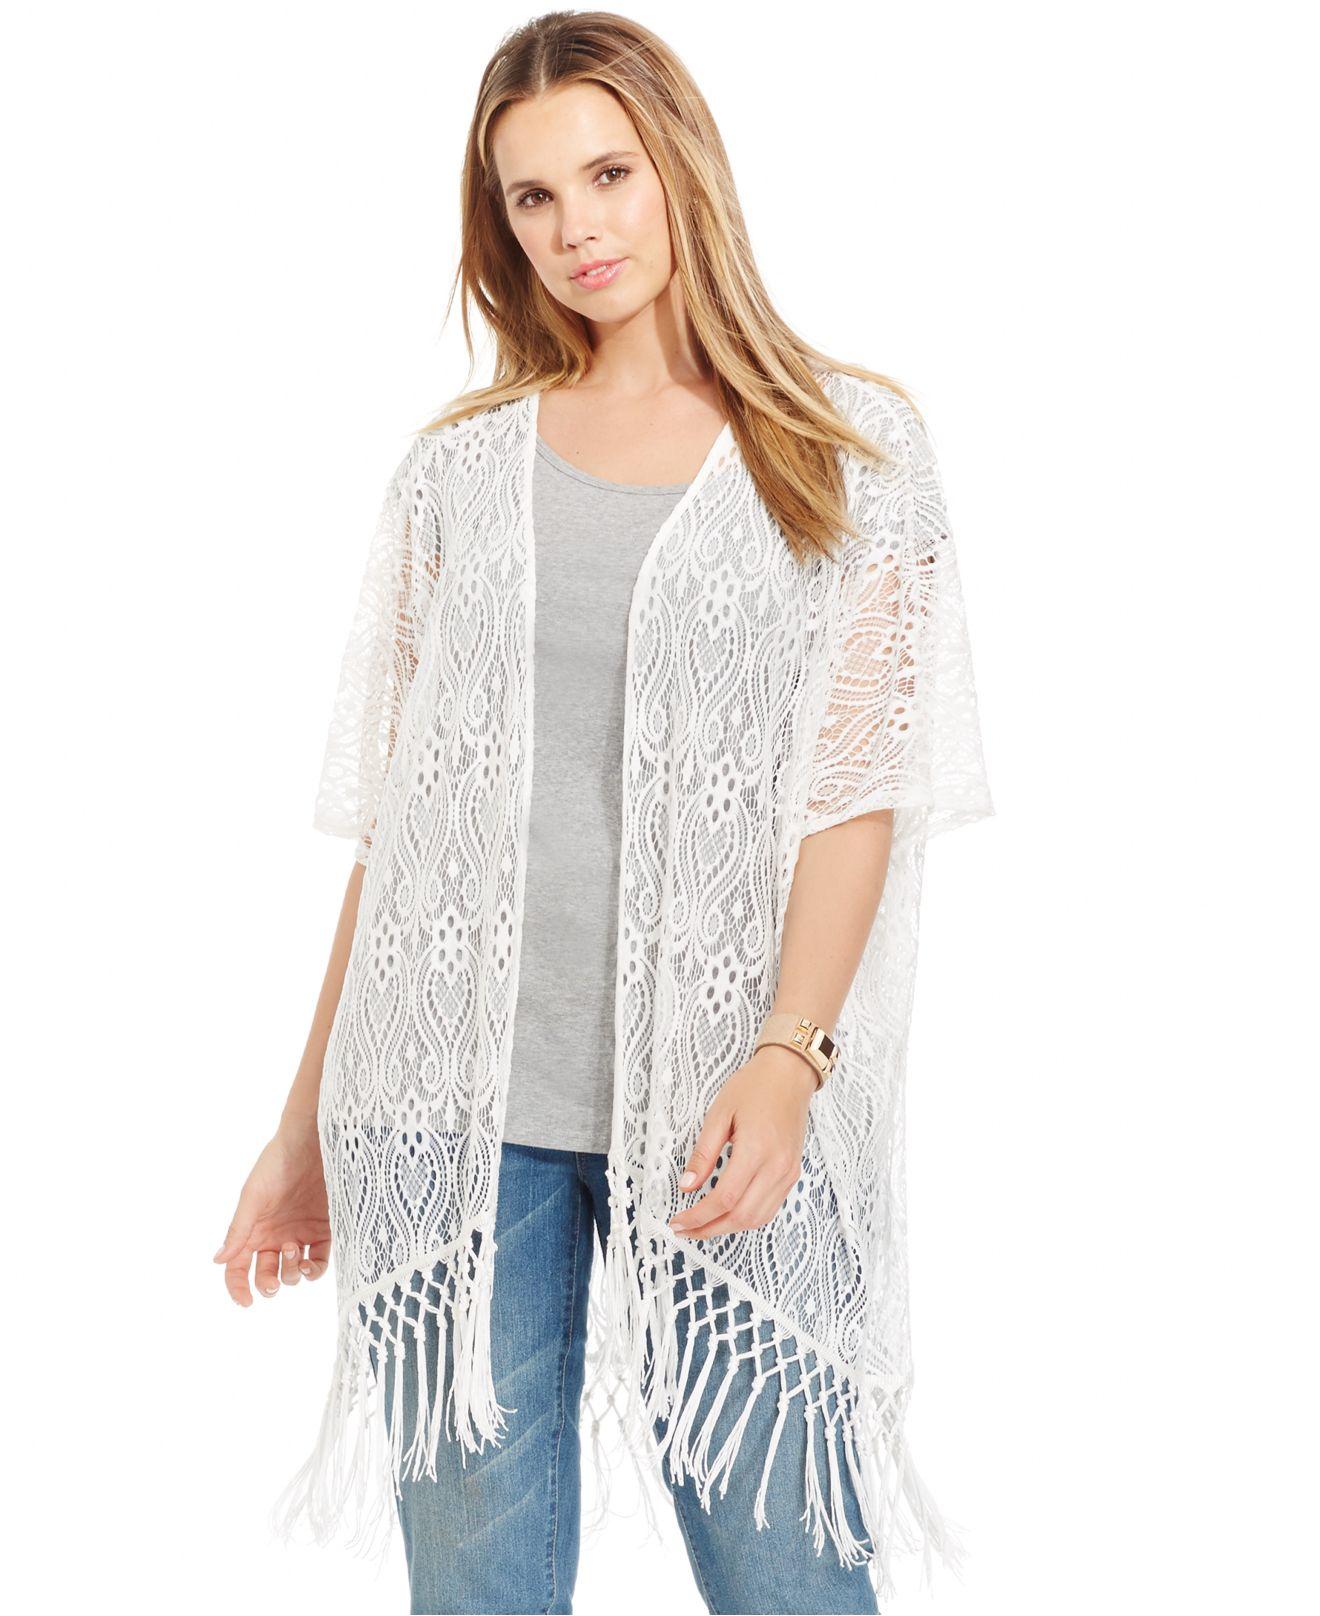 White Lace Fringed